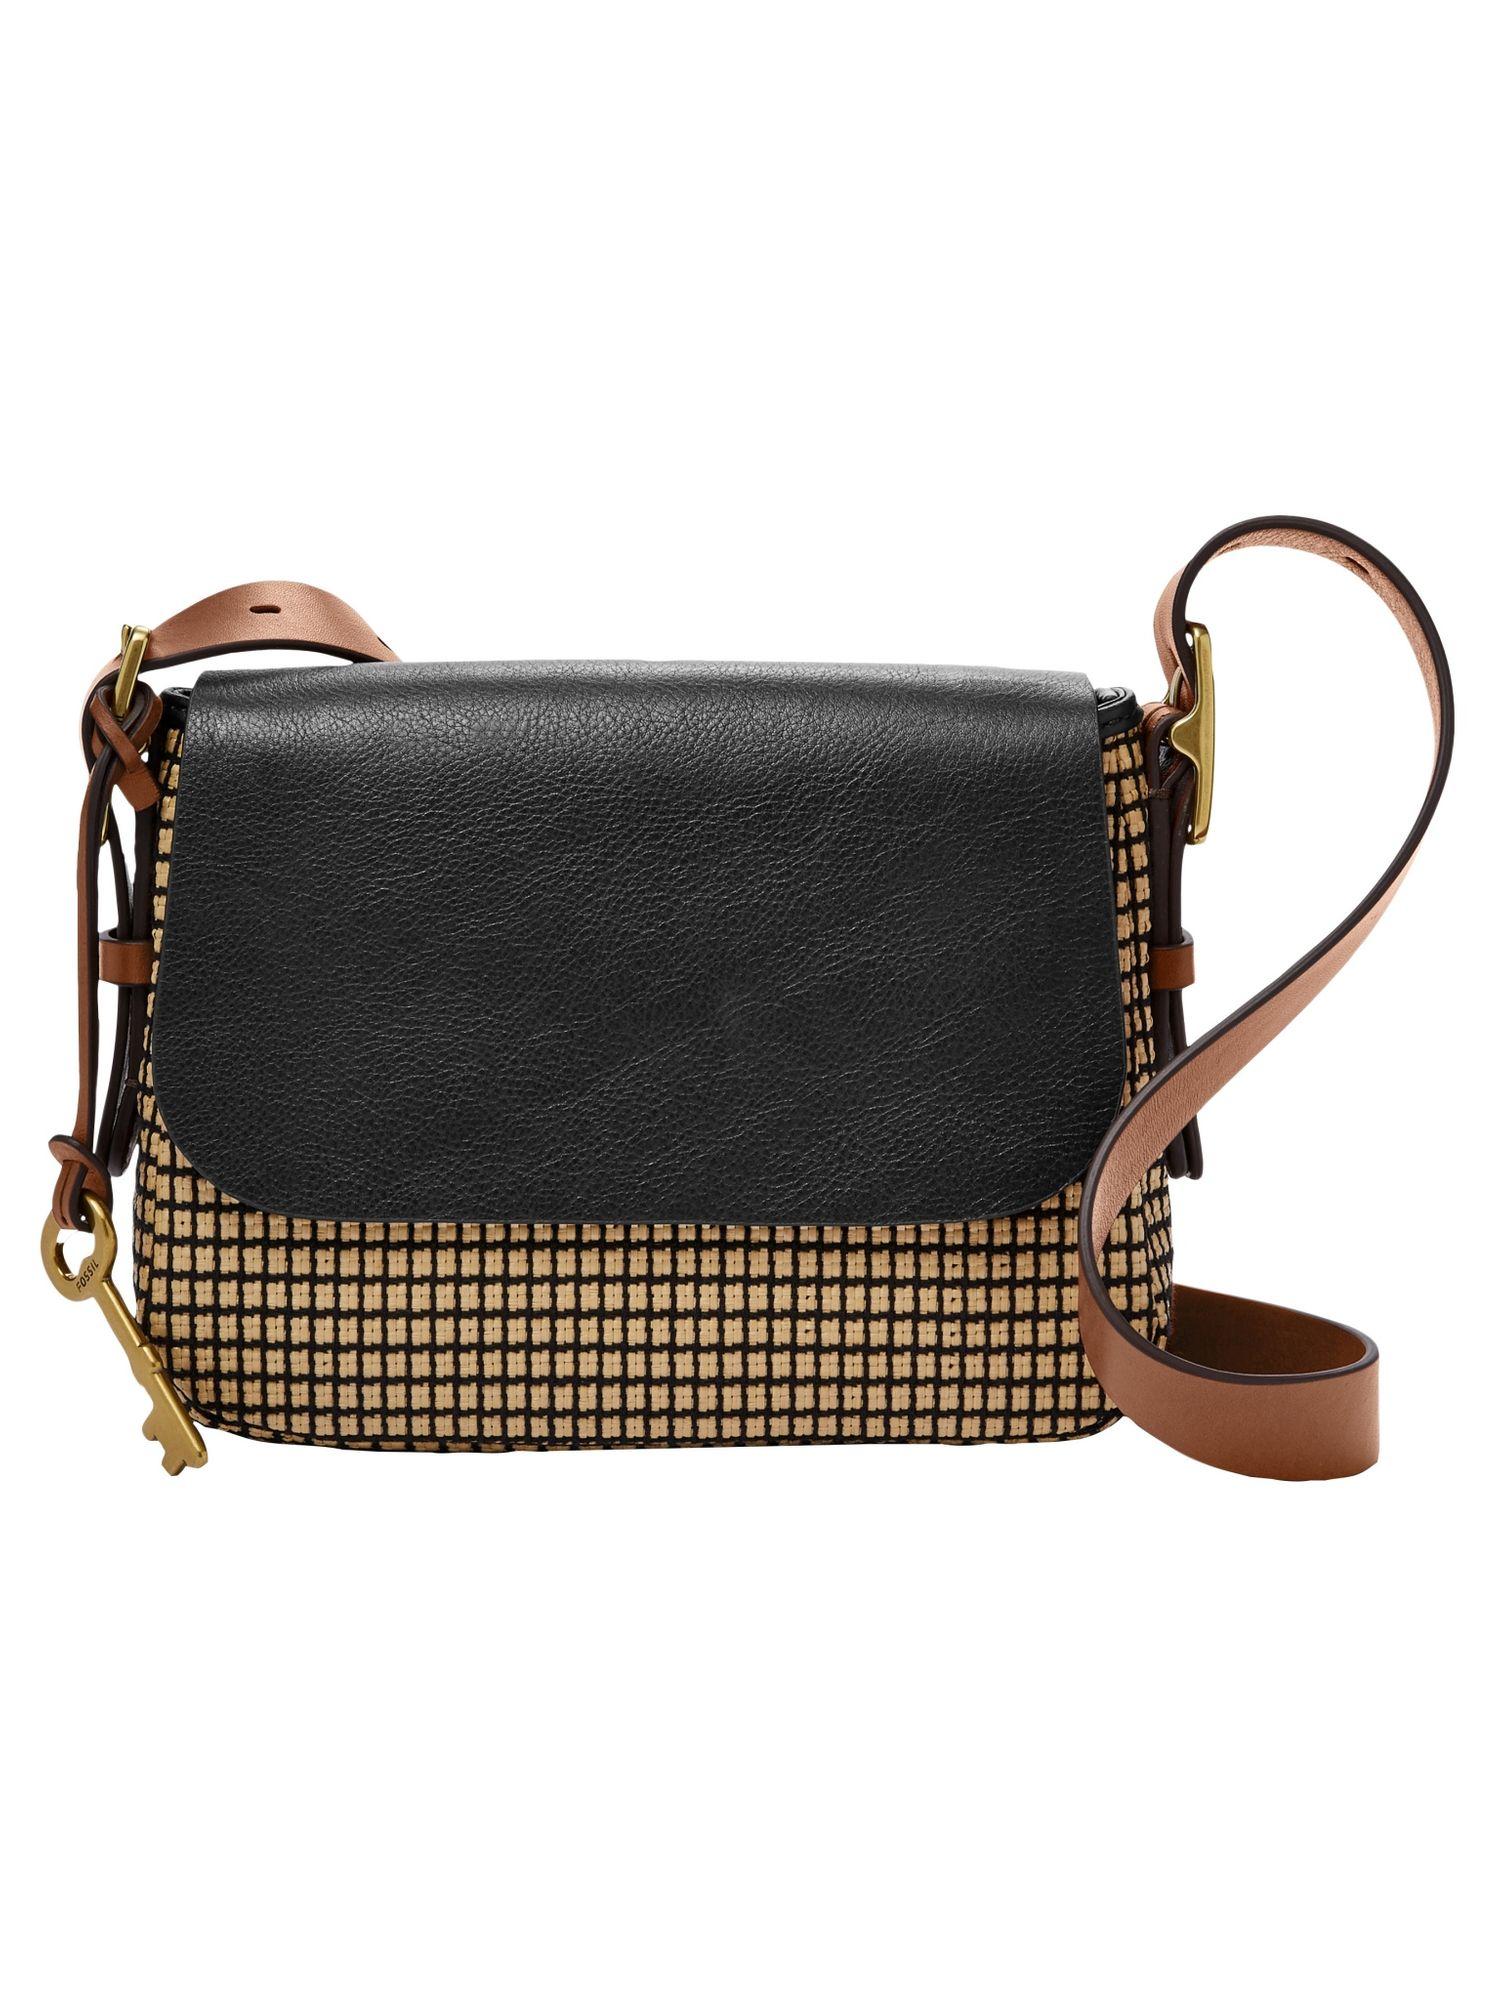 98a54cce64acc Fossil Damen Handtasche Tasche Harper Sm Crossbody Schwarz Zb7544 994